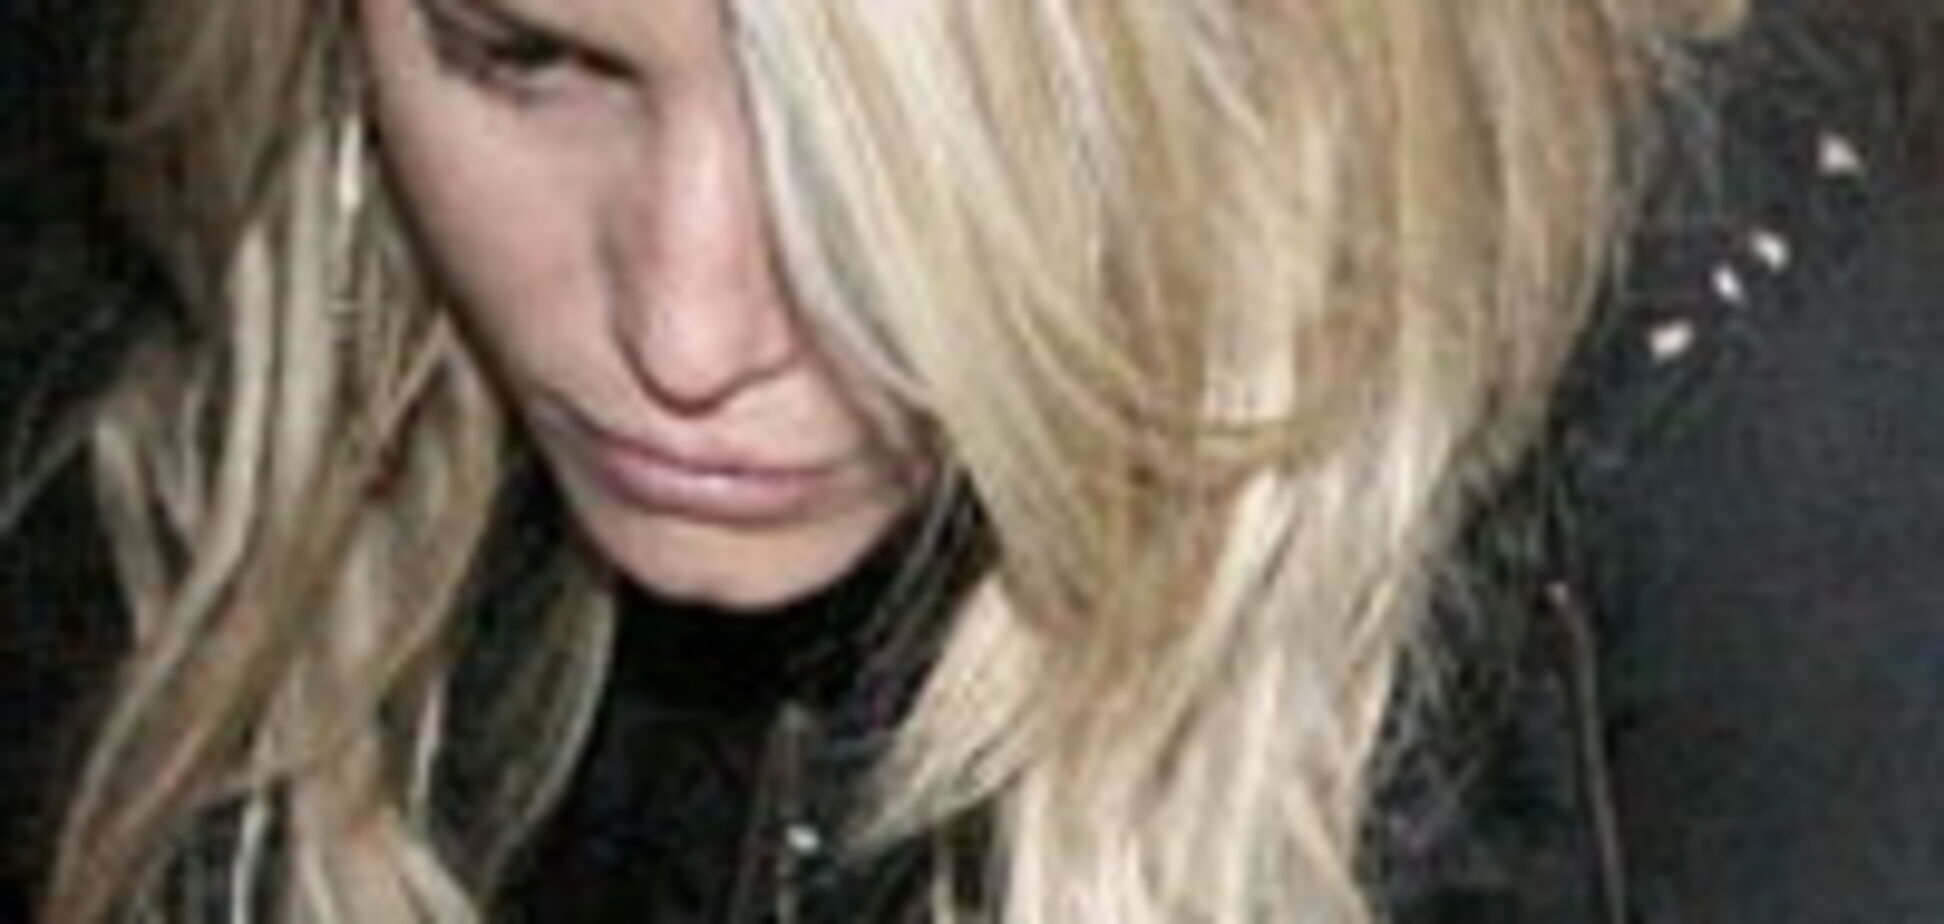 Блондинка в колінно-ліктьовий позиції